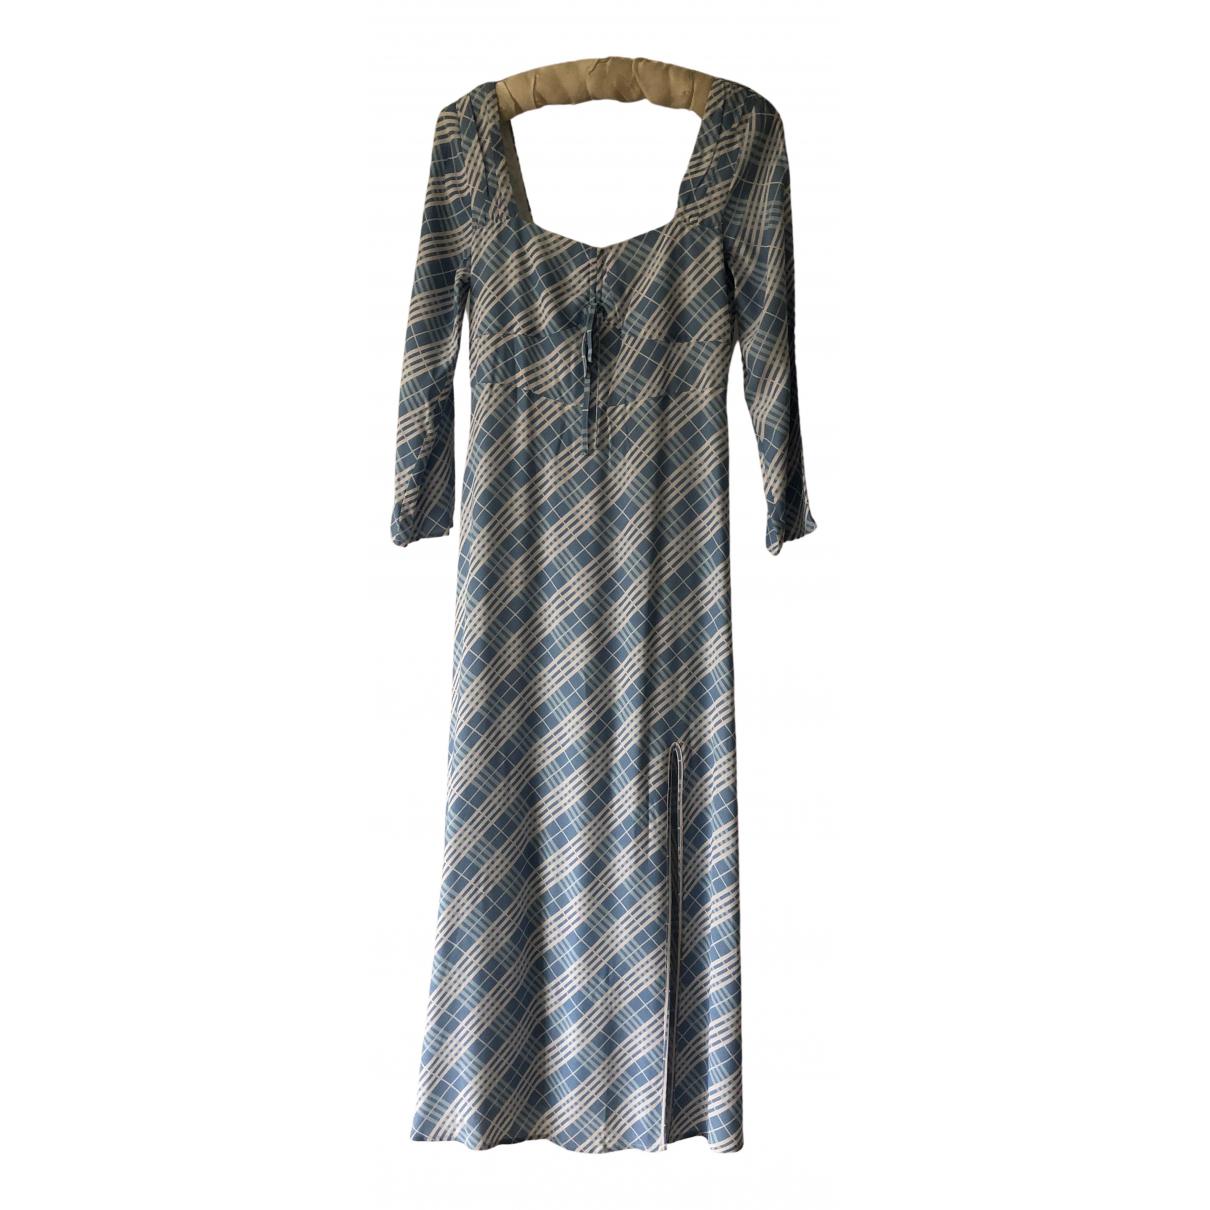 Rixo \N Kleid in  Blau Viskose